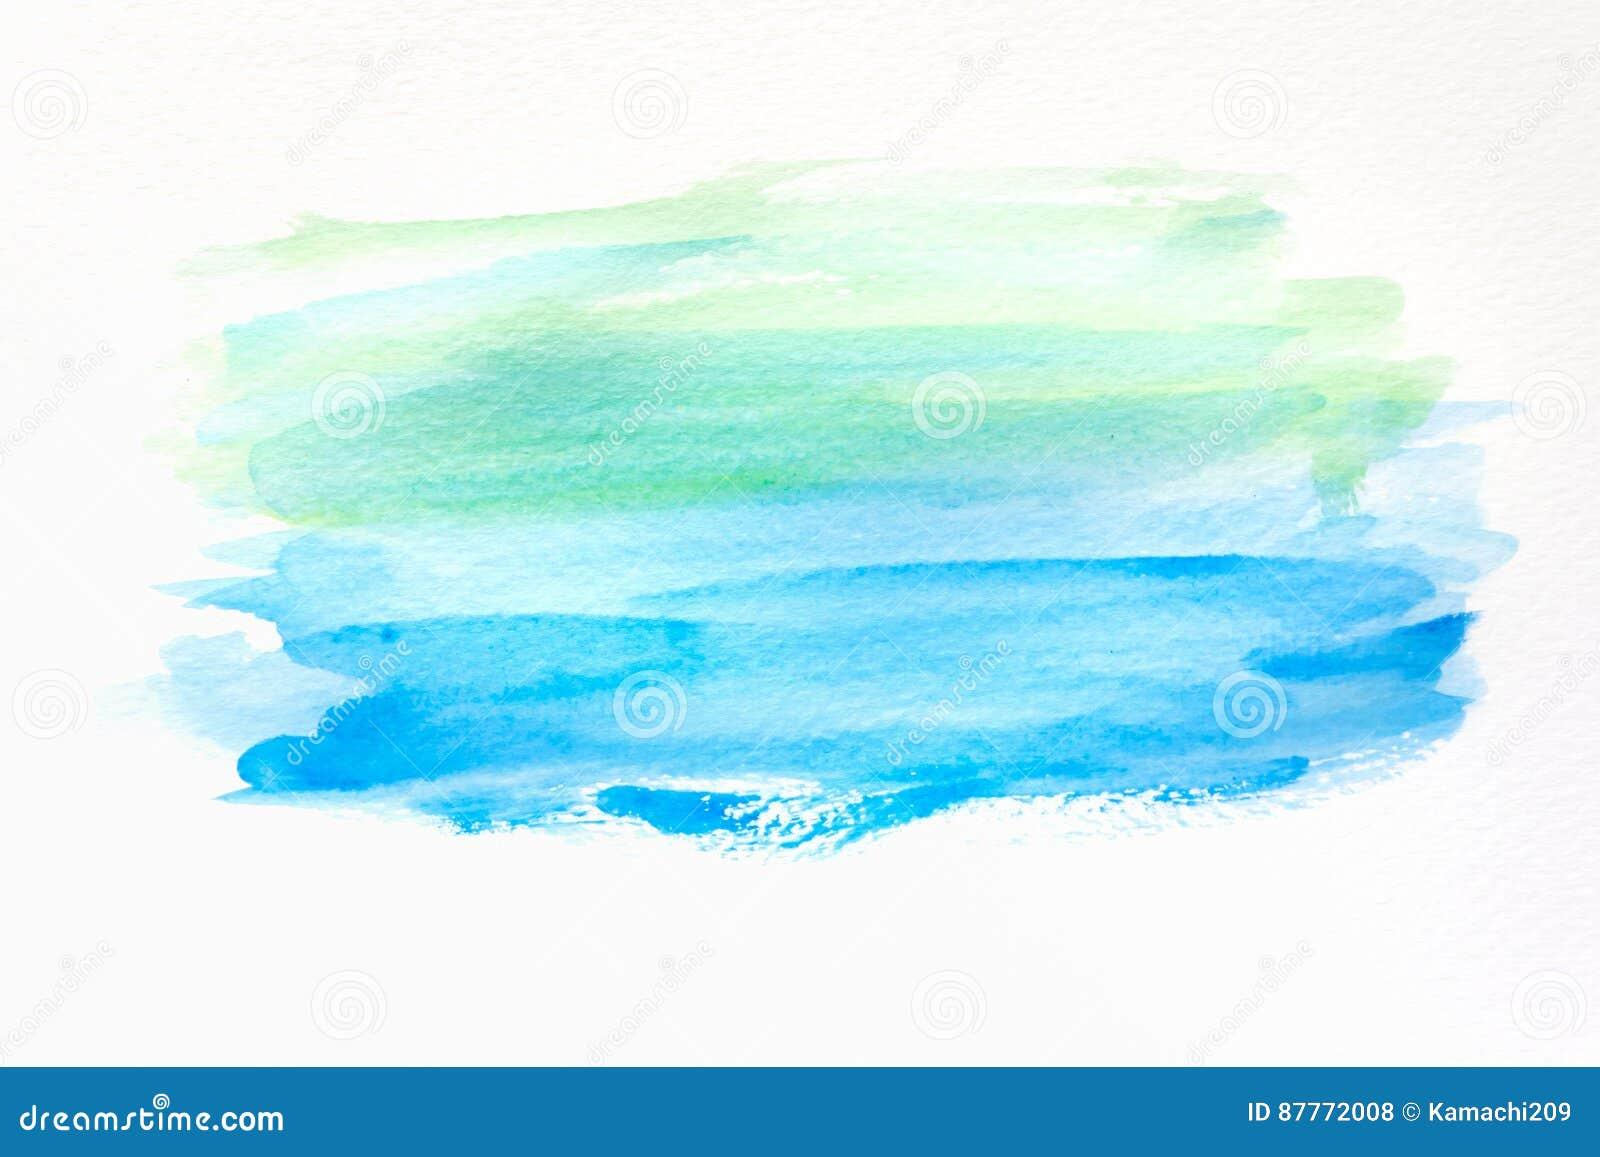 Αφηρημένο χρωματισμένο χέρι υπόβαθρο watercolor σε χαρτί σύσταση για το δημιουργικό έργο τέχνης ταπετσαριών ή σχεδίου